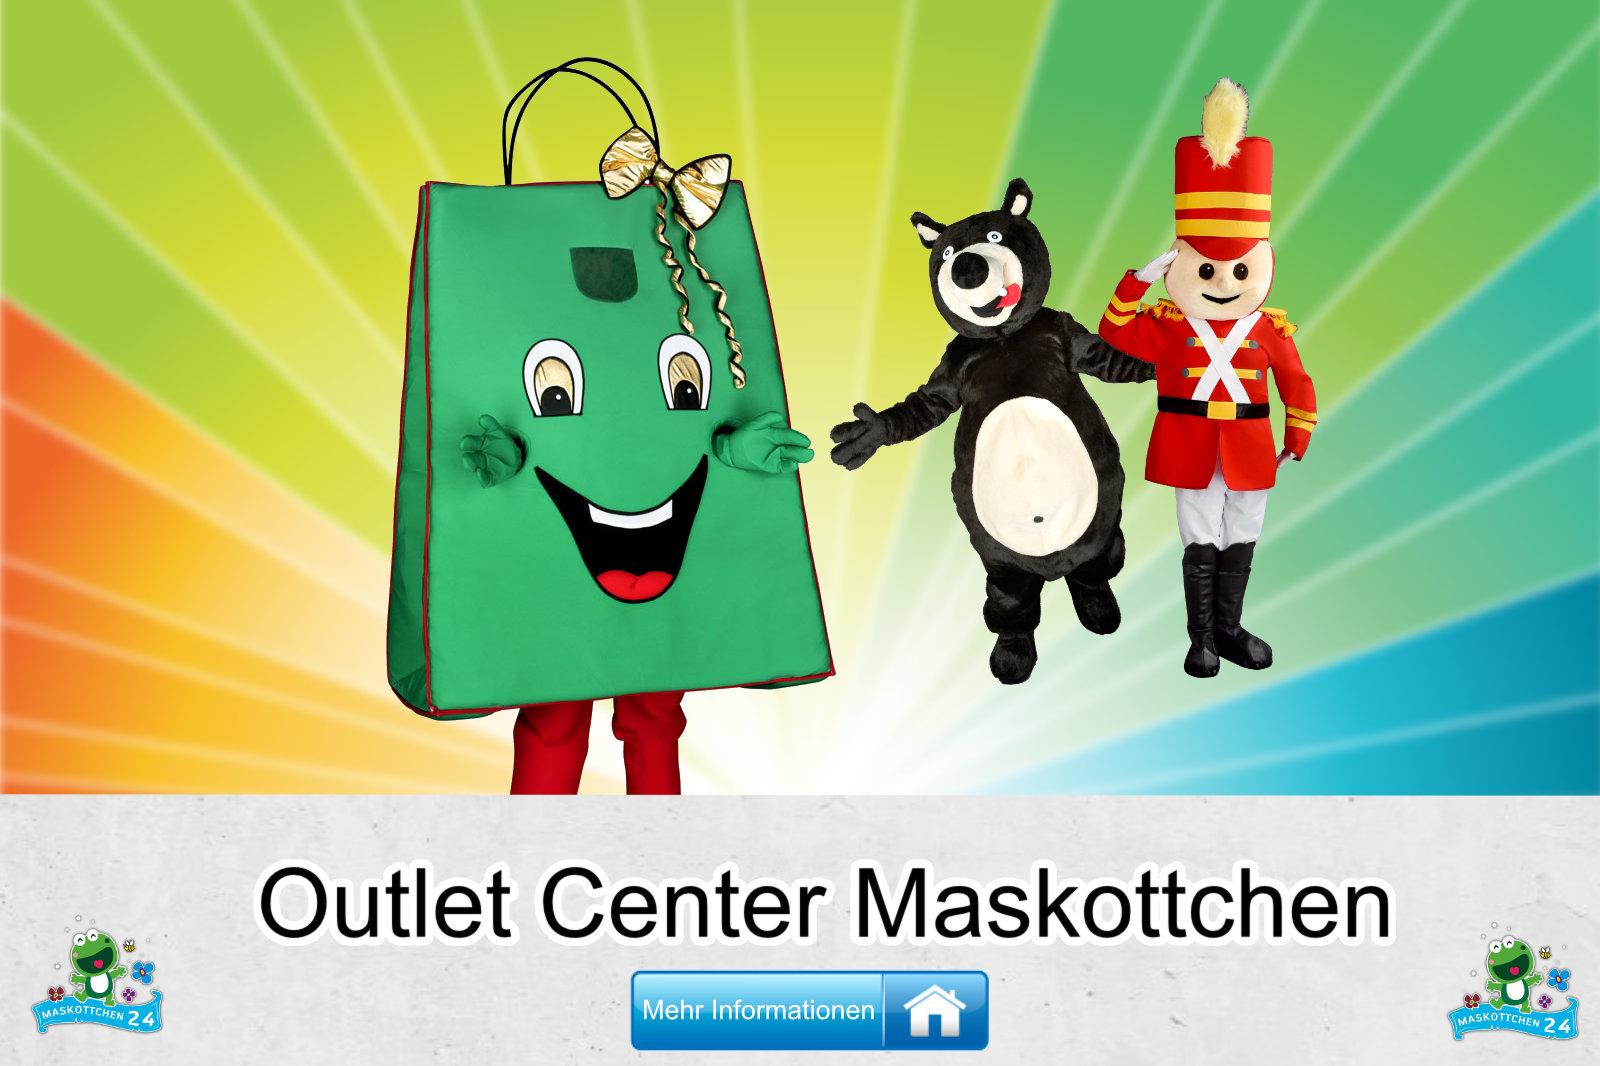 Outlet Center Kostüme Maskottchen Herstellung Firma günstig kaufen